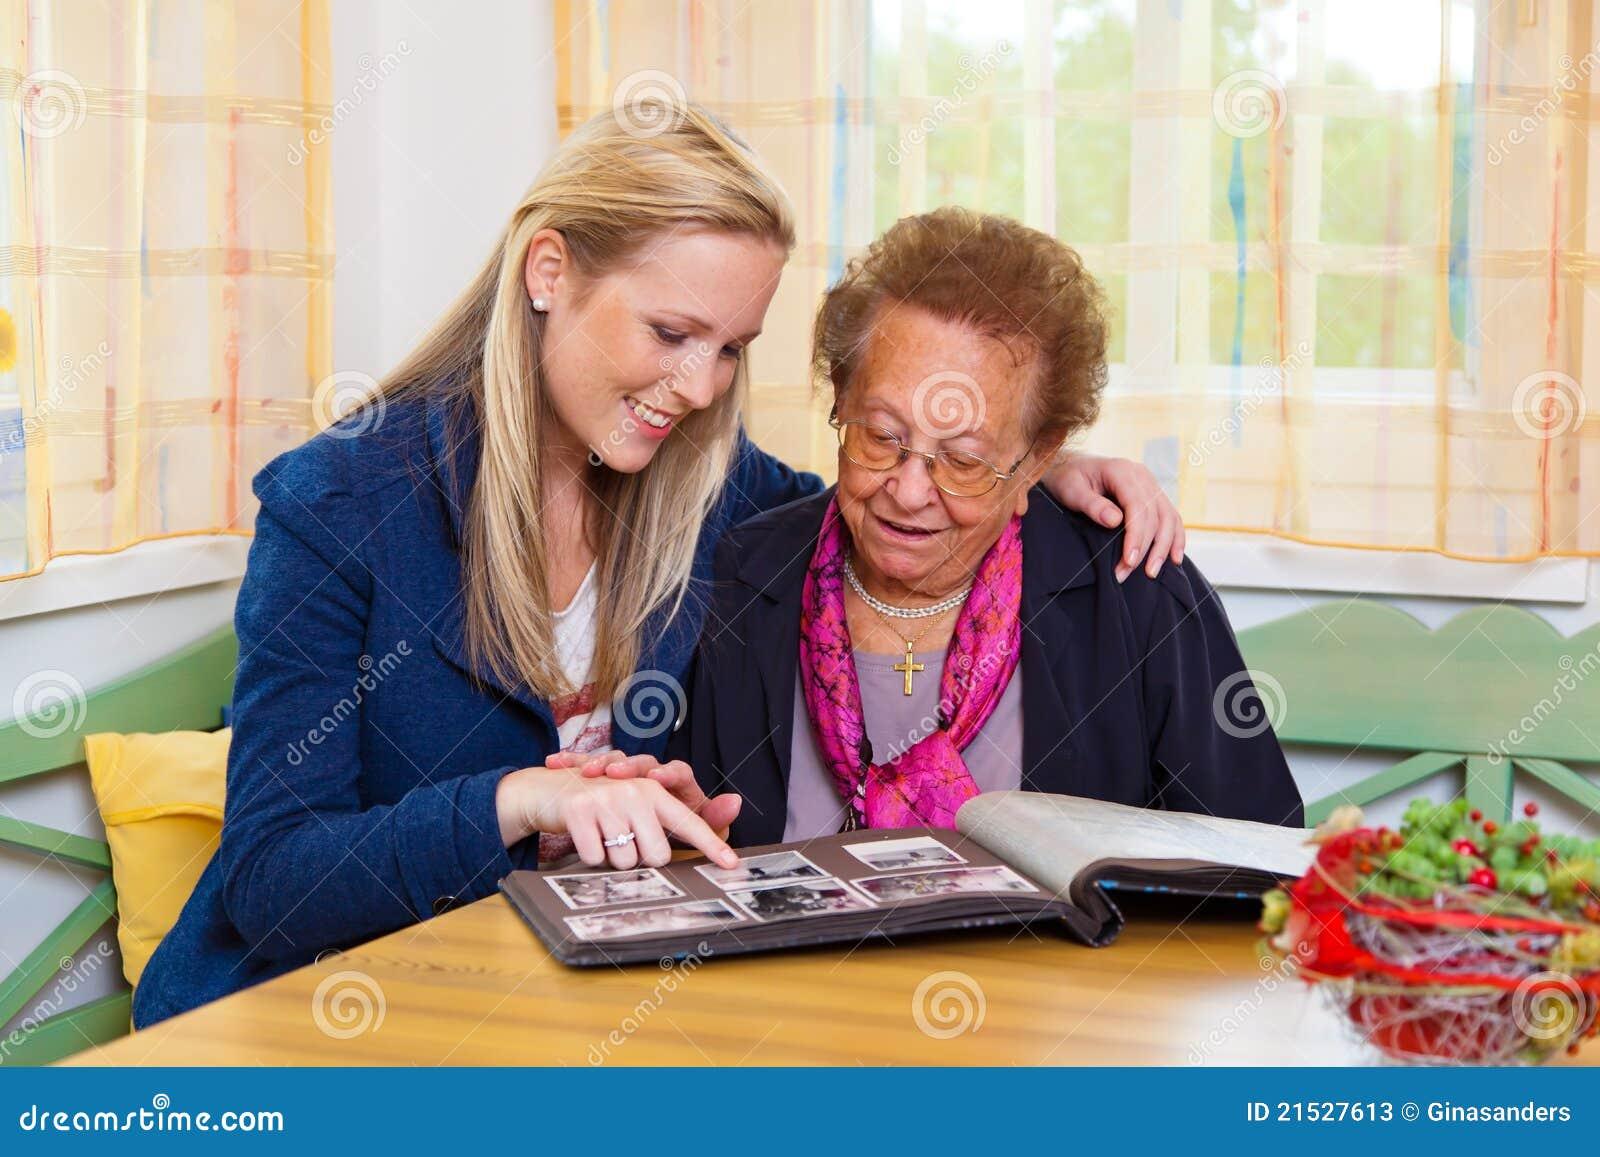 Смотреть бесплатно бабушка и внук 6 фотография